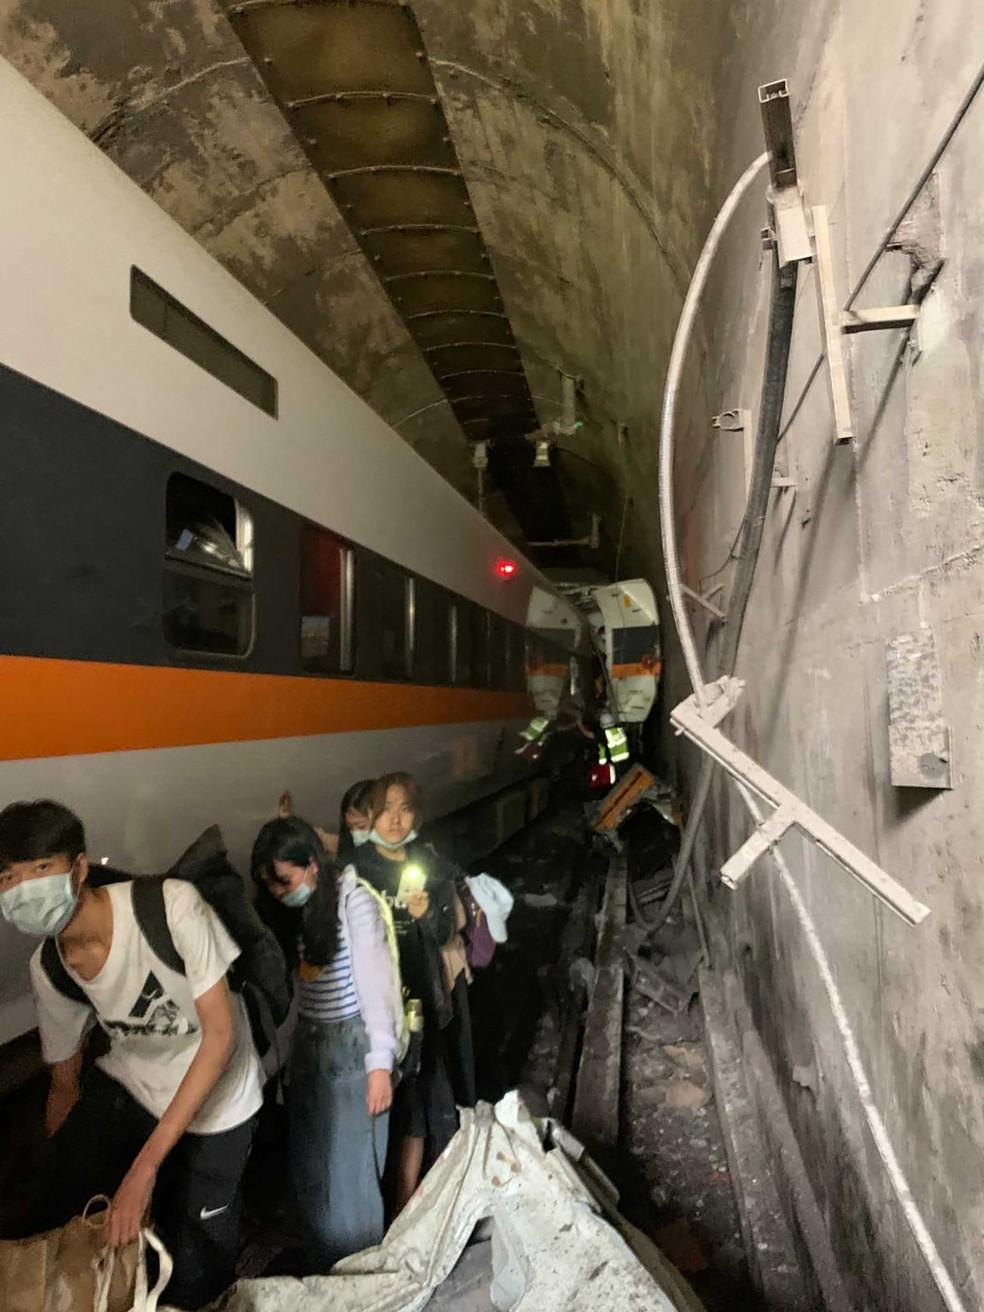 Equipes de resgate ajudam passageiros em trem descarrilado em Taiwan — Foto: Departamento Nacional de Bombeiros / via AP Photo